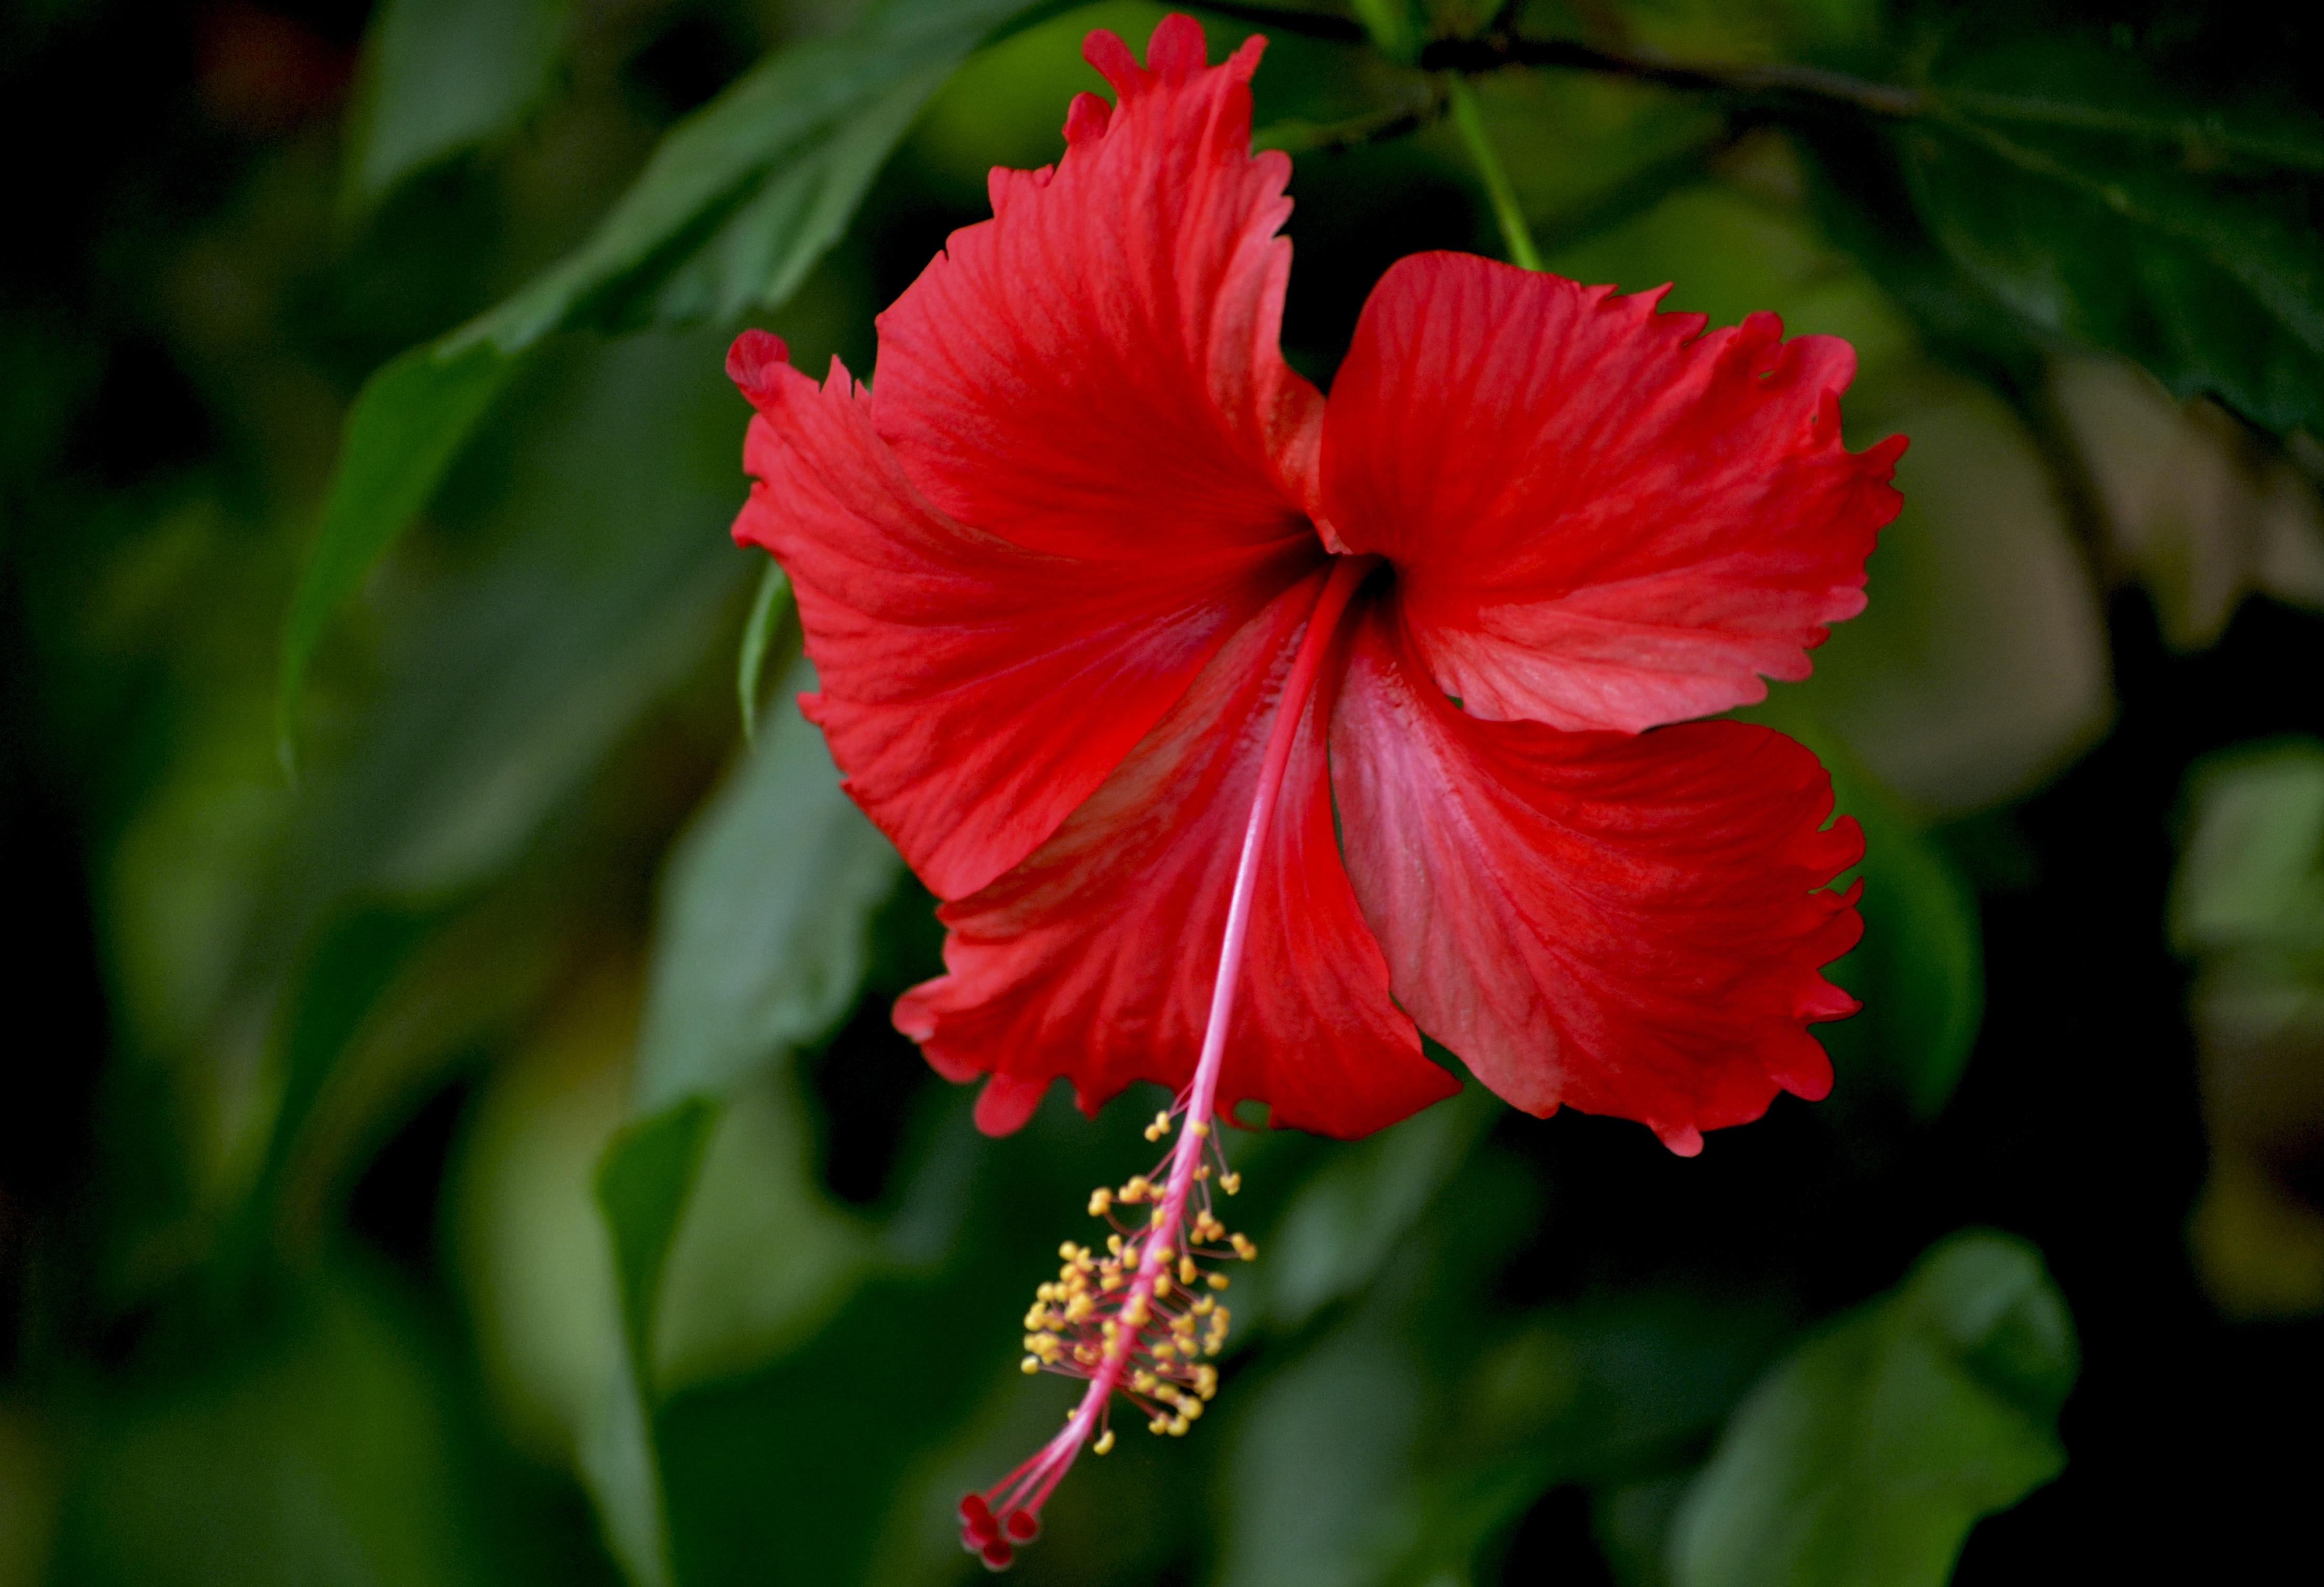 Hibiscus Download